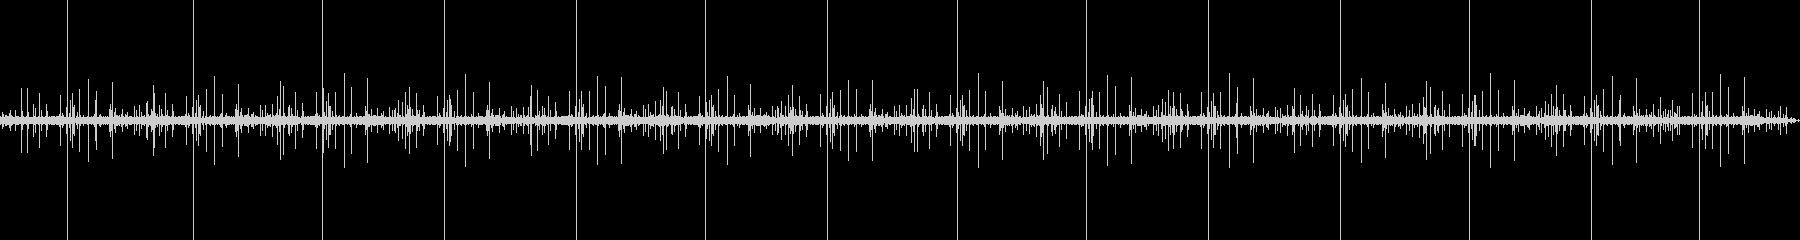 焚き火音(薪が燃え始めた序盤の焚き火音)の未再生の波形